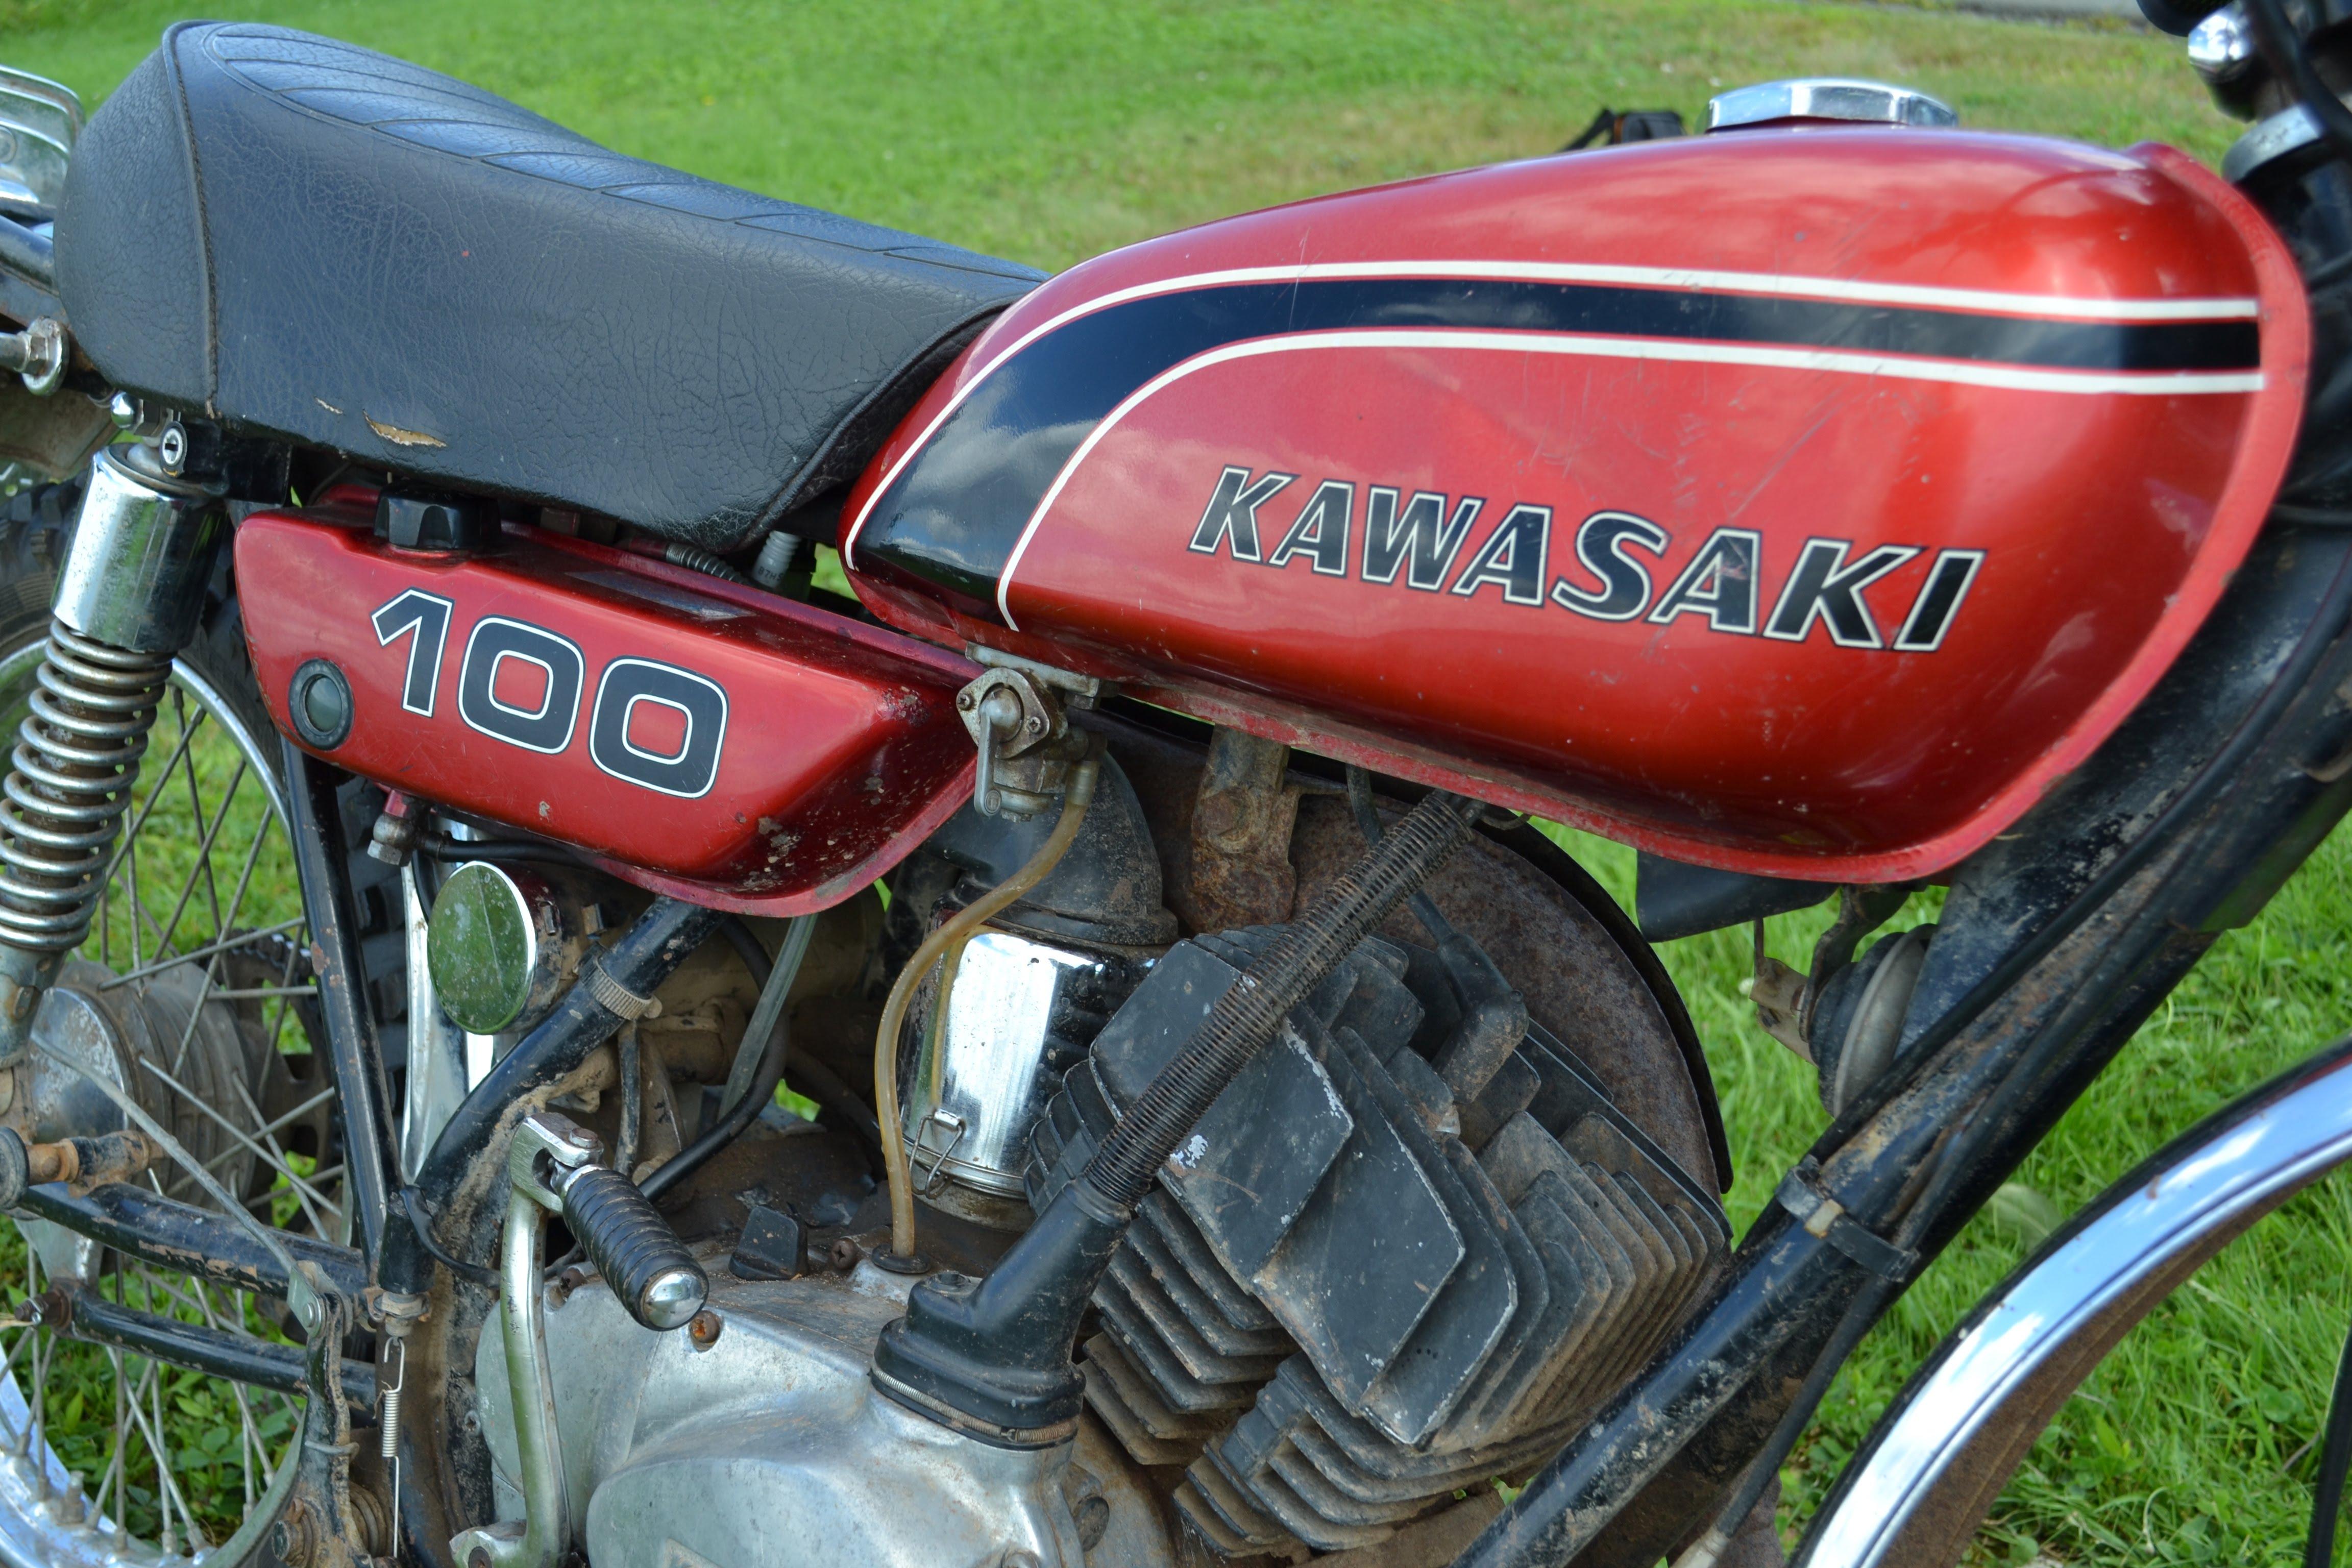 1974 kawasaki g4 tr 100 home moreover 1975 Kawasaki G5 100 Wiring Diagram  furthermore 1976 kawasaki